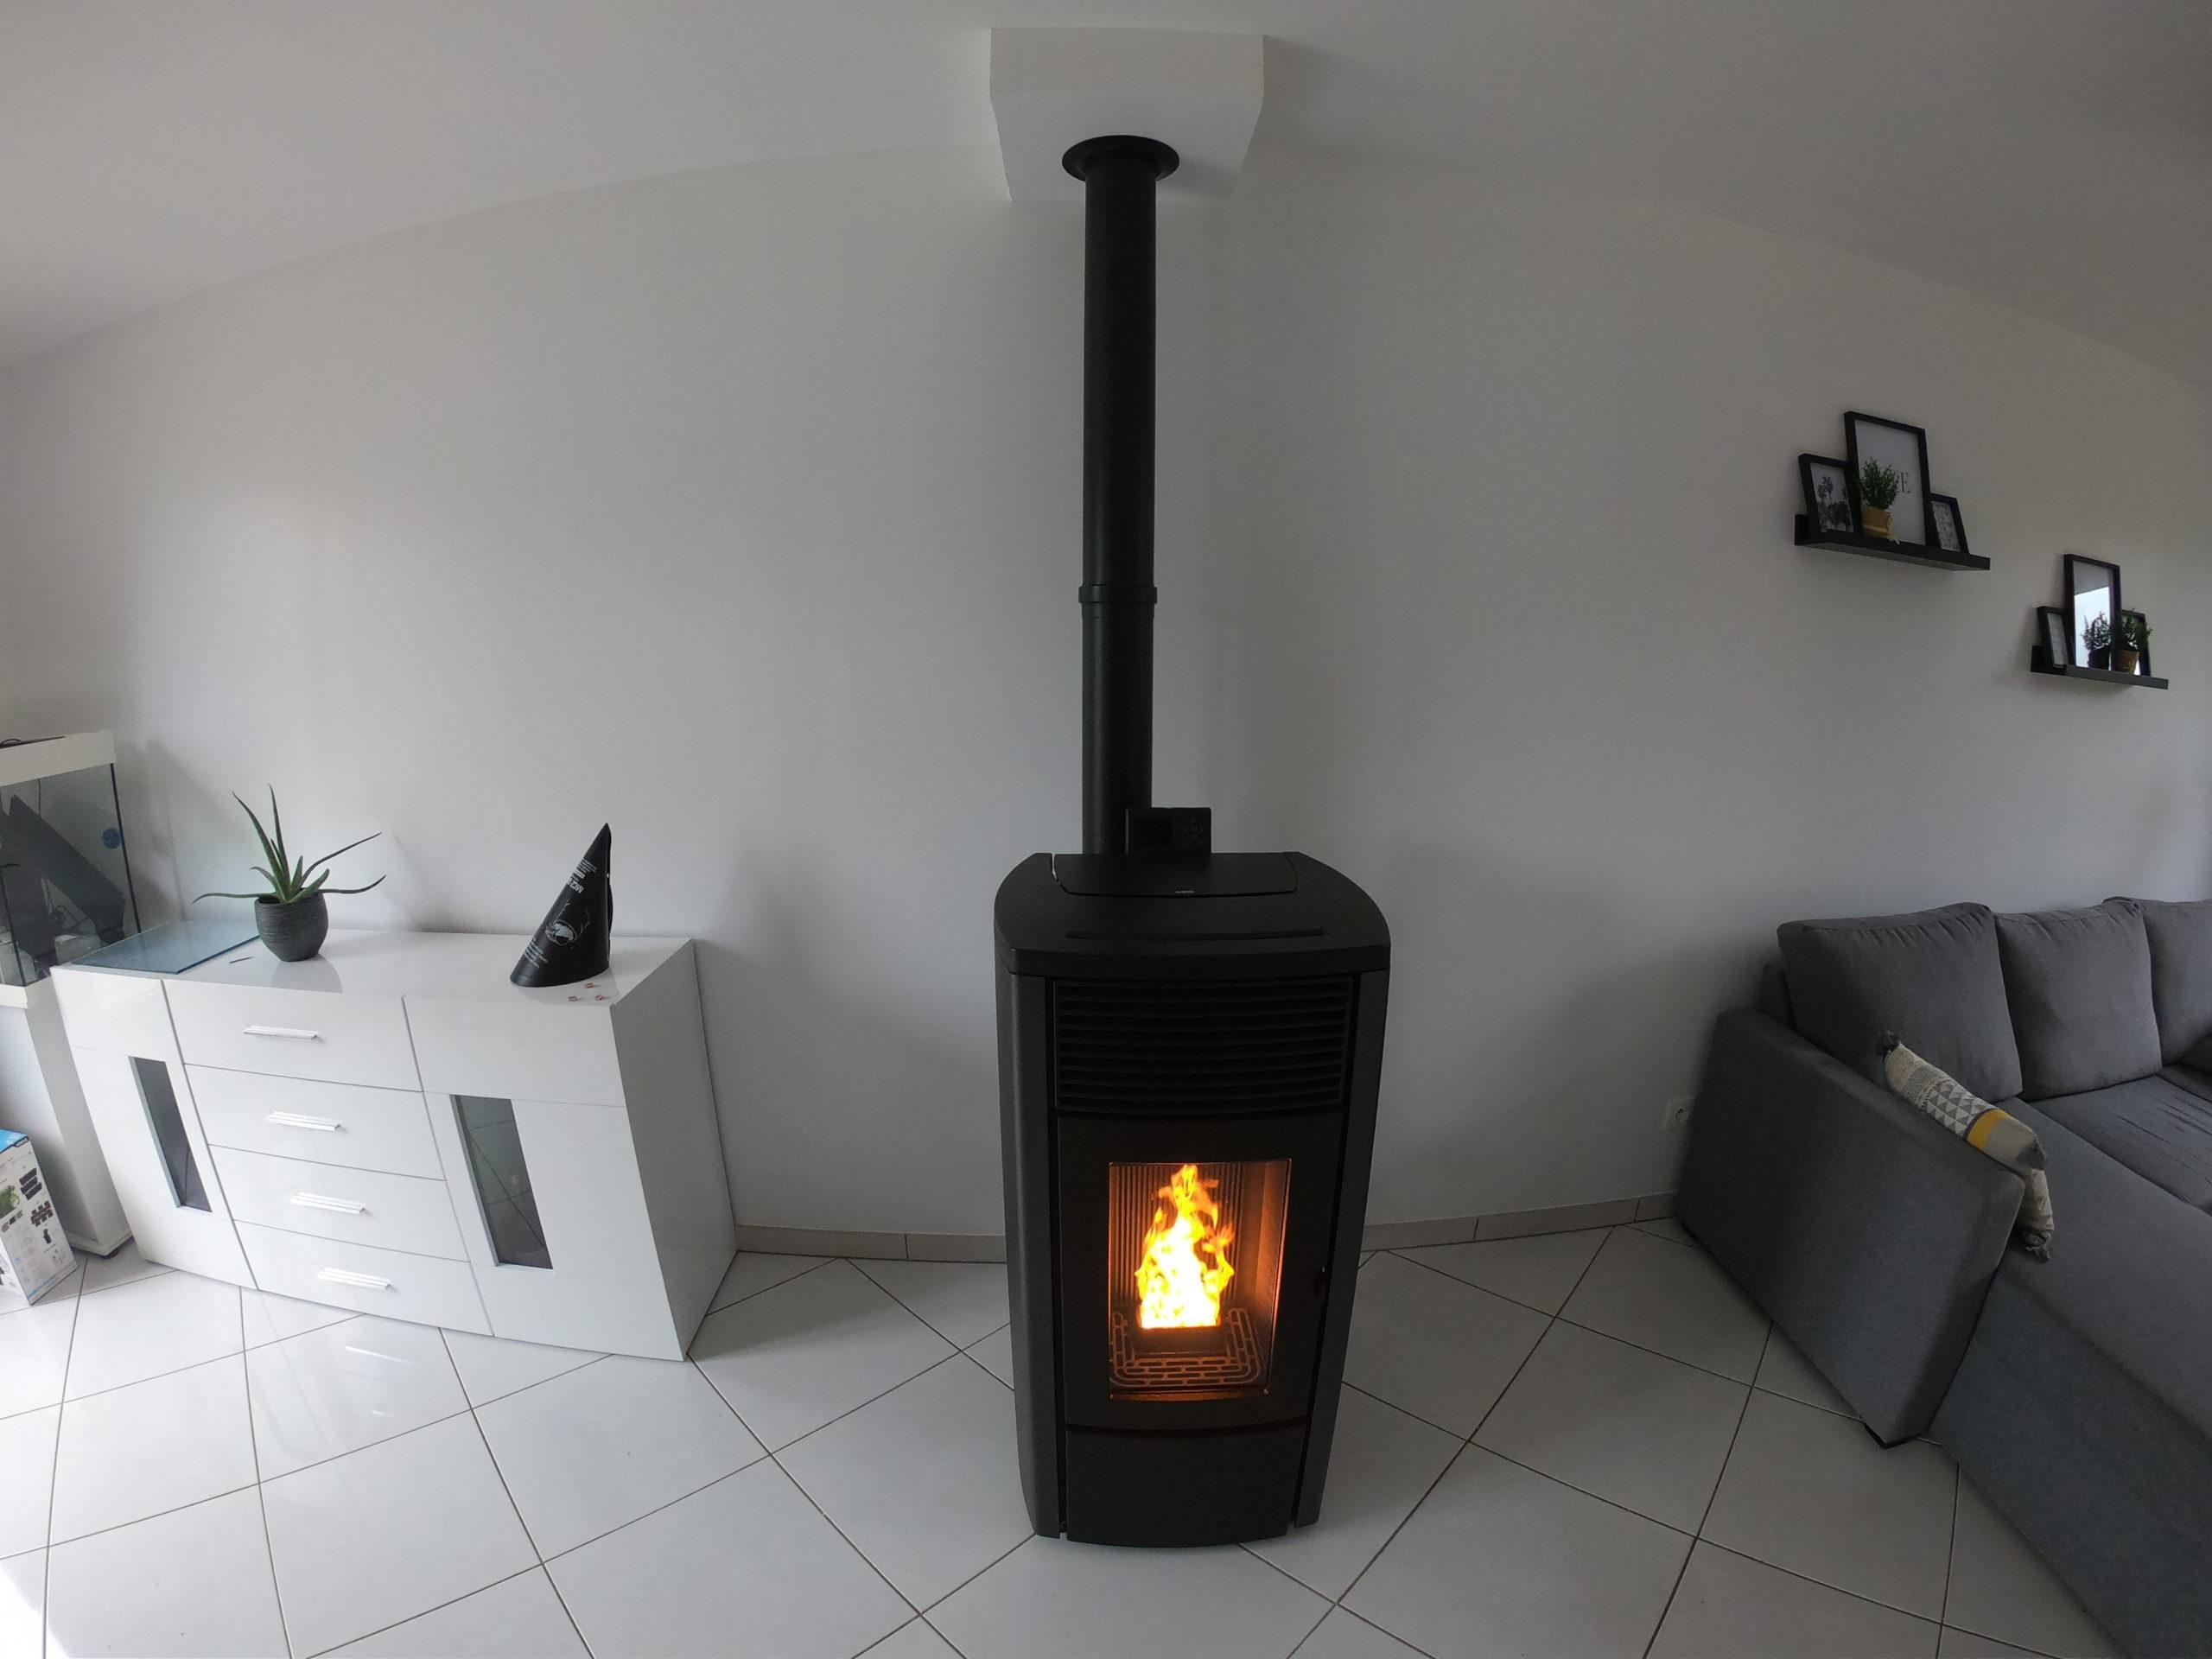 Poêle à granulés MCZ Égo - Gournay-en-Bray (76)